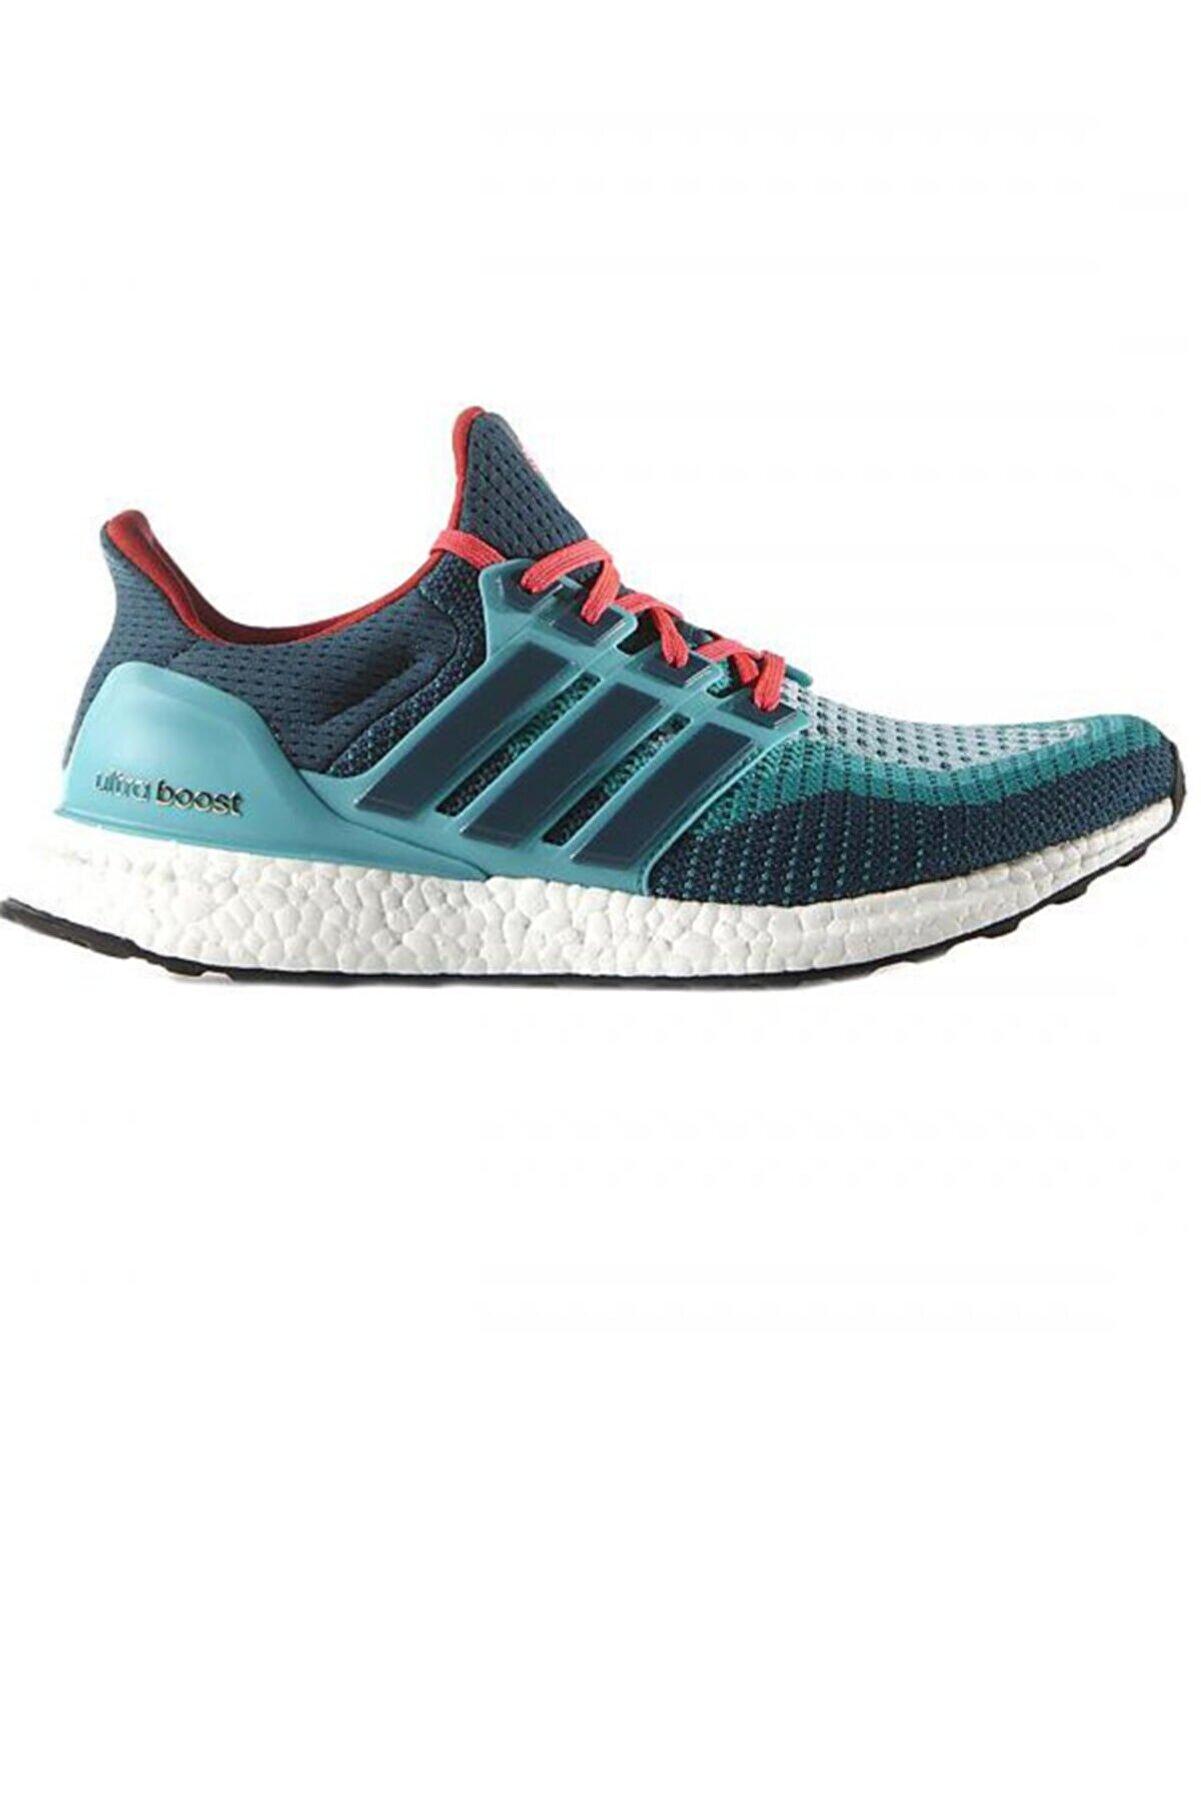 adidas Unisex Ultraboost Spor Ayakkabı